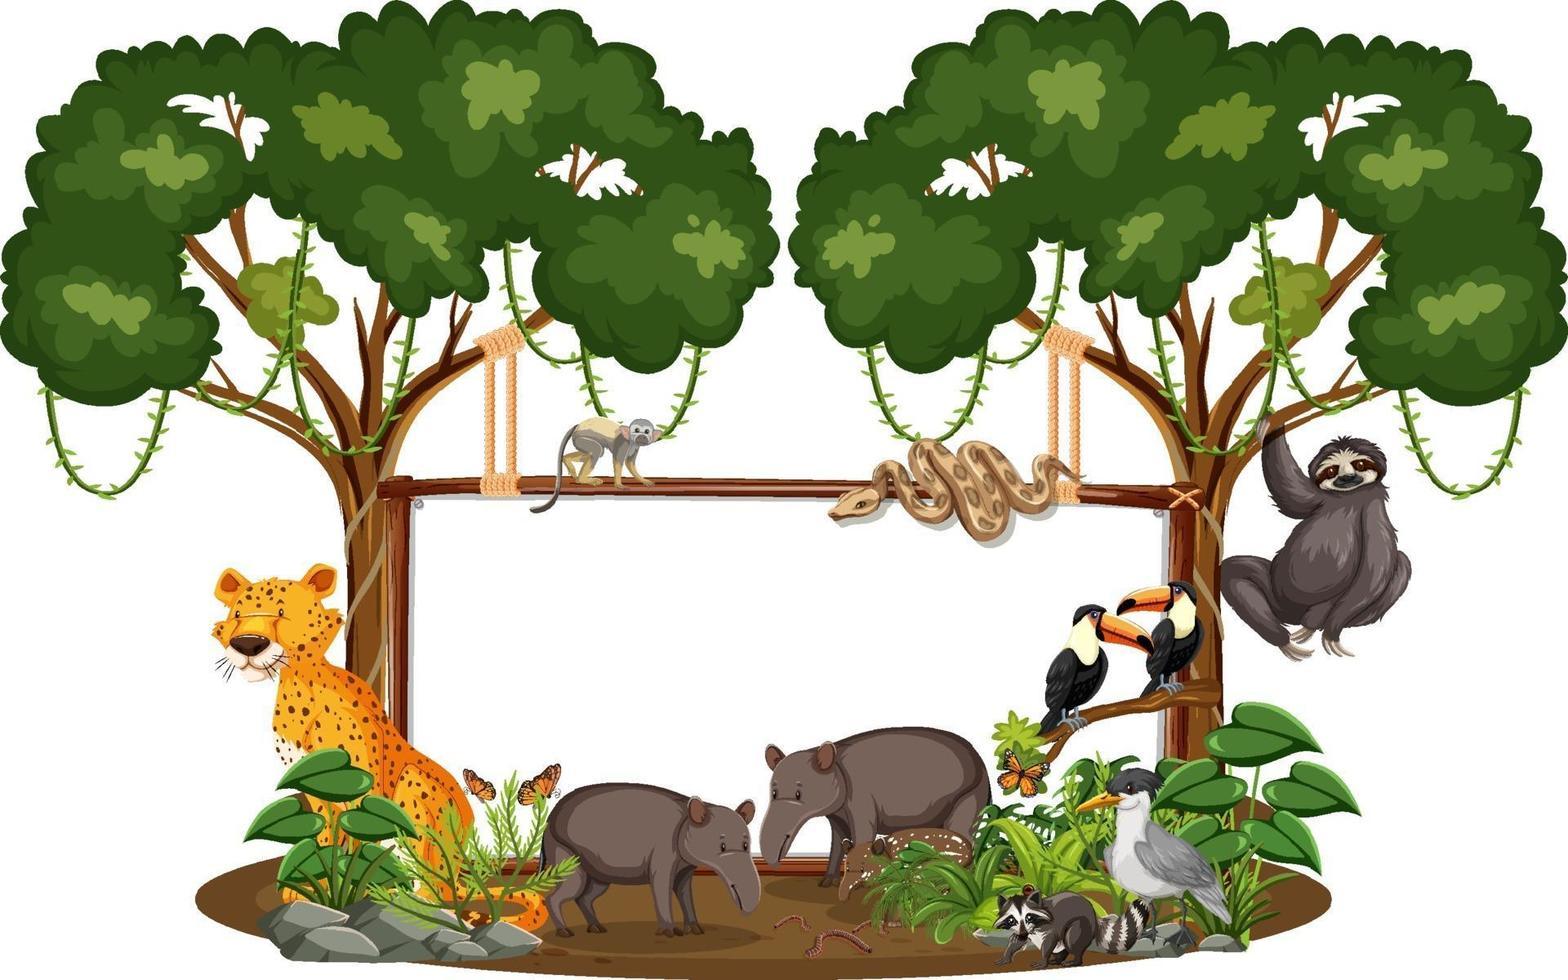 banner vuoto con animali selvatici e alberi della foresta pluviale su sfondo bianco vettore